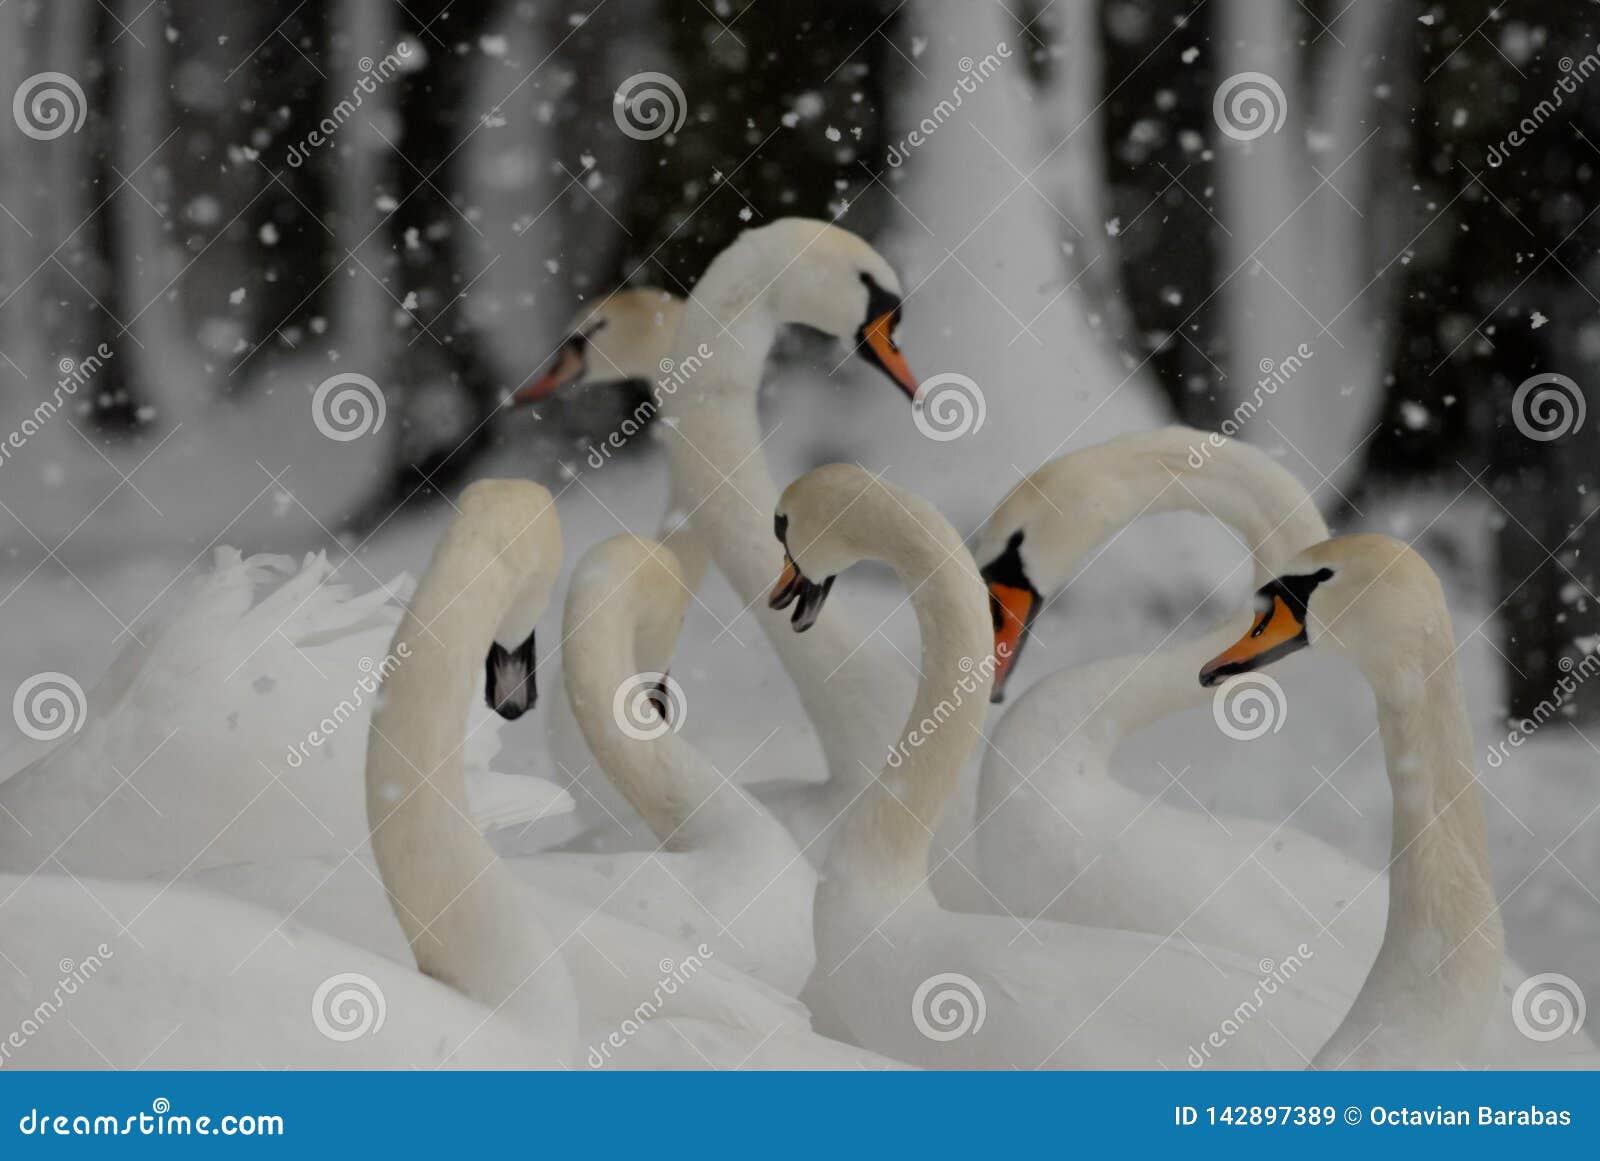 Лебеди в снеге в зиме пока идущ снег